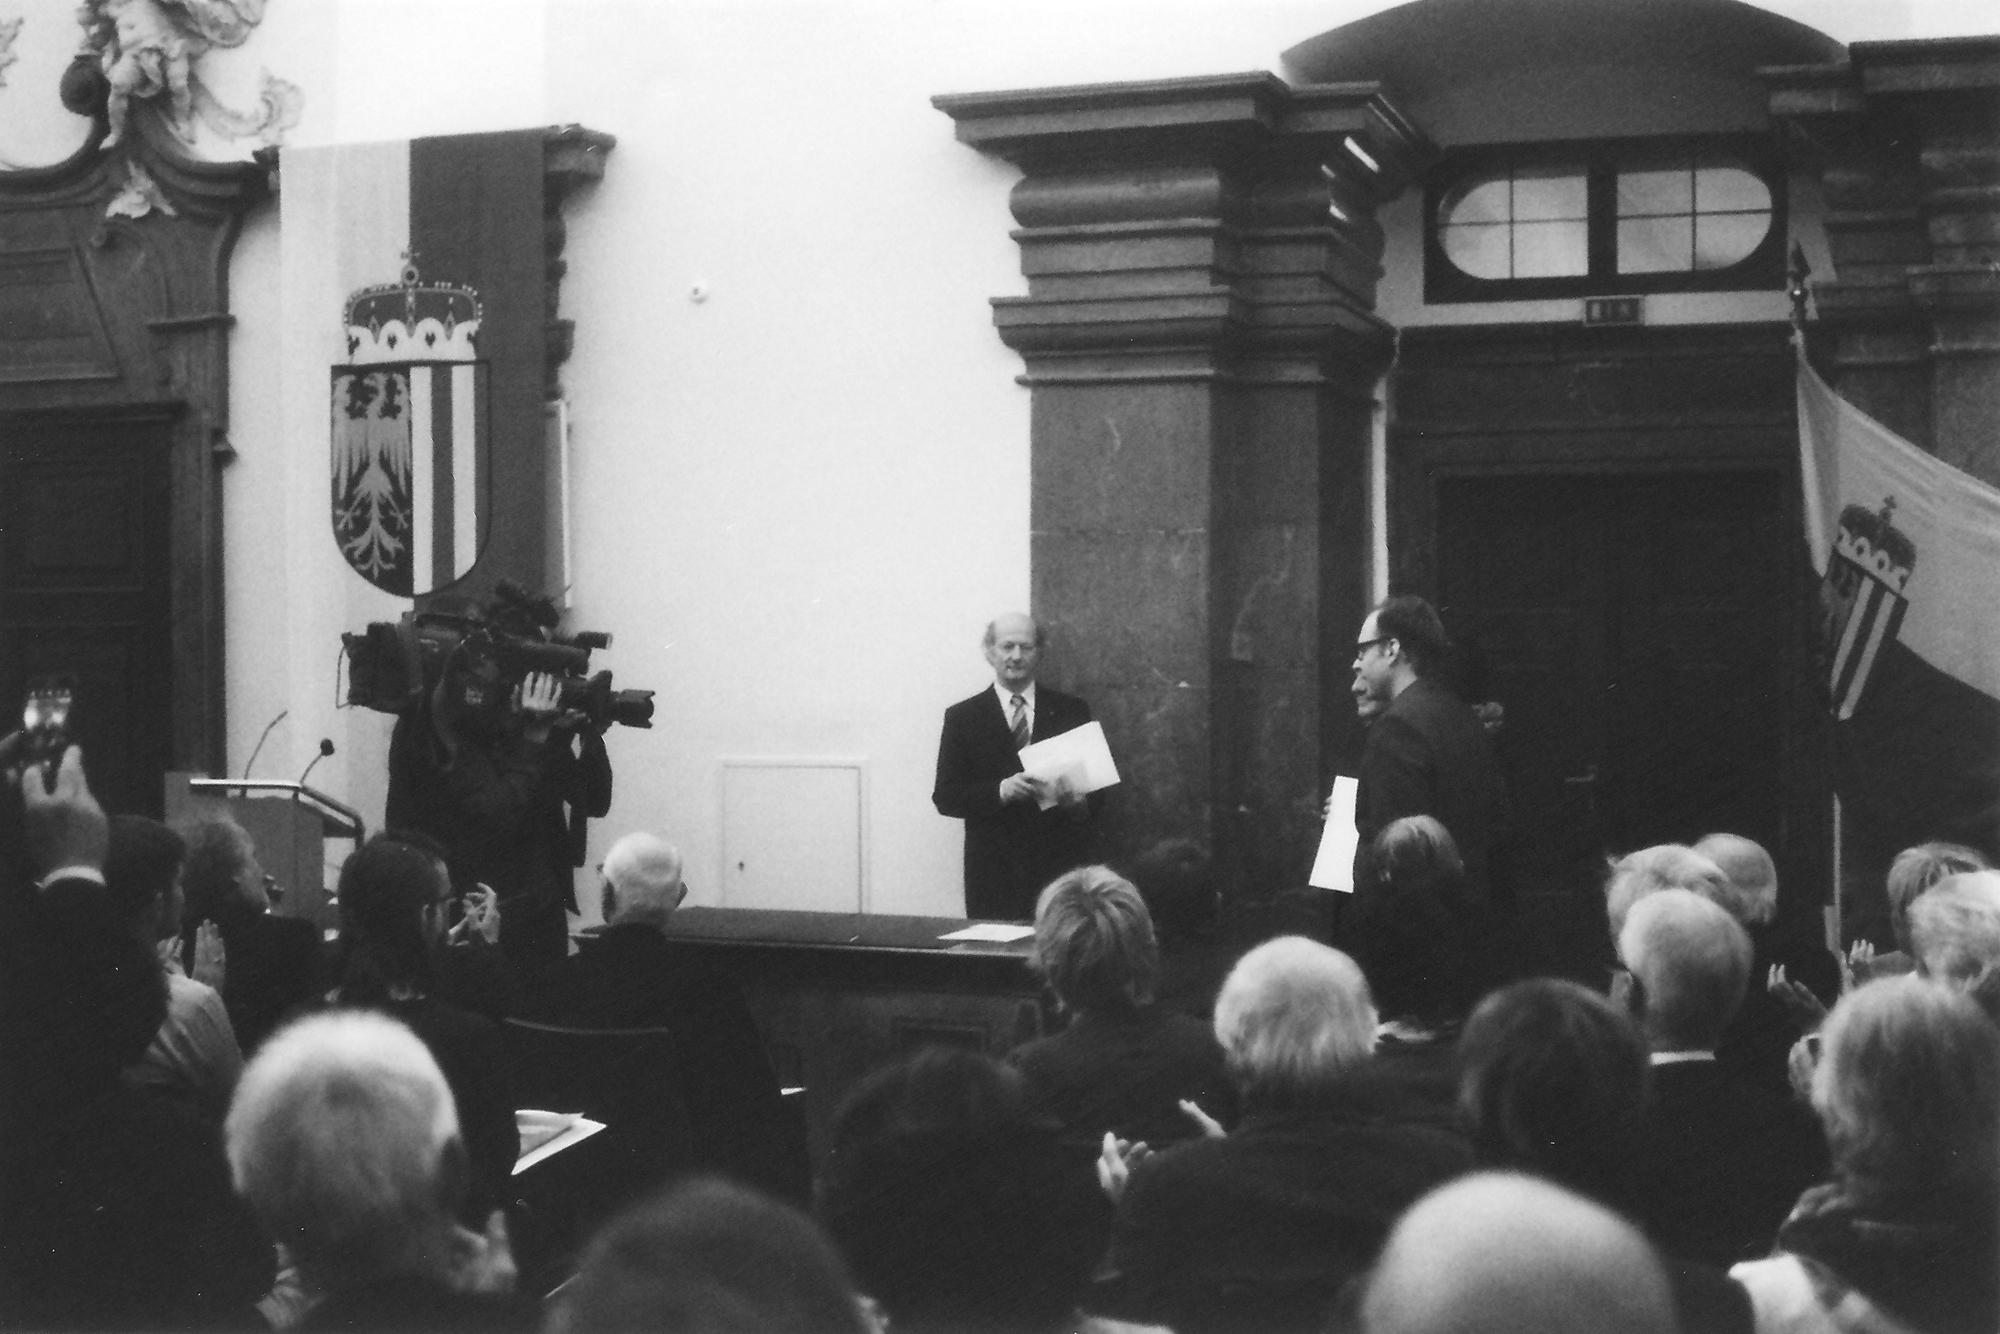 Links im Bild die rechte Hand des Vöcklabrucker Bürgermeisters.